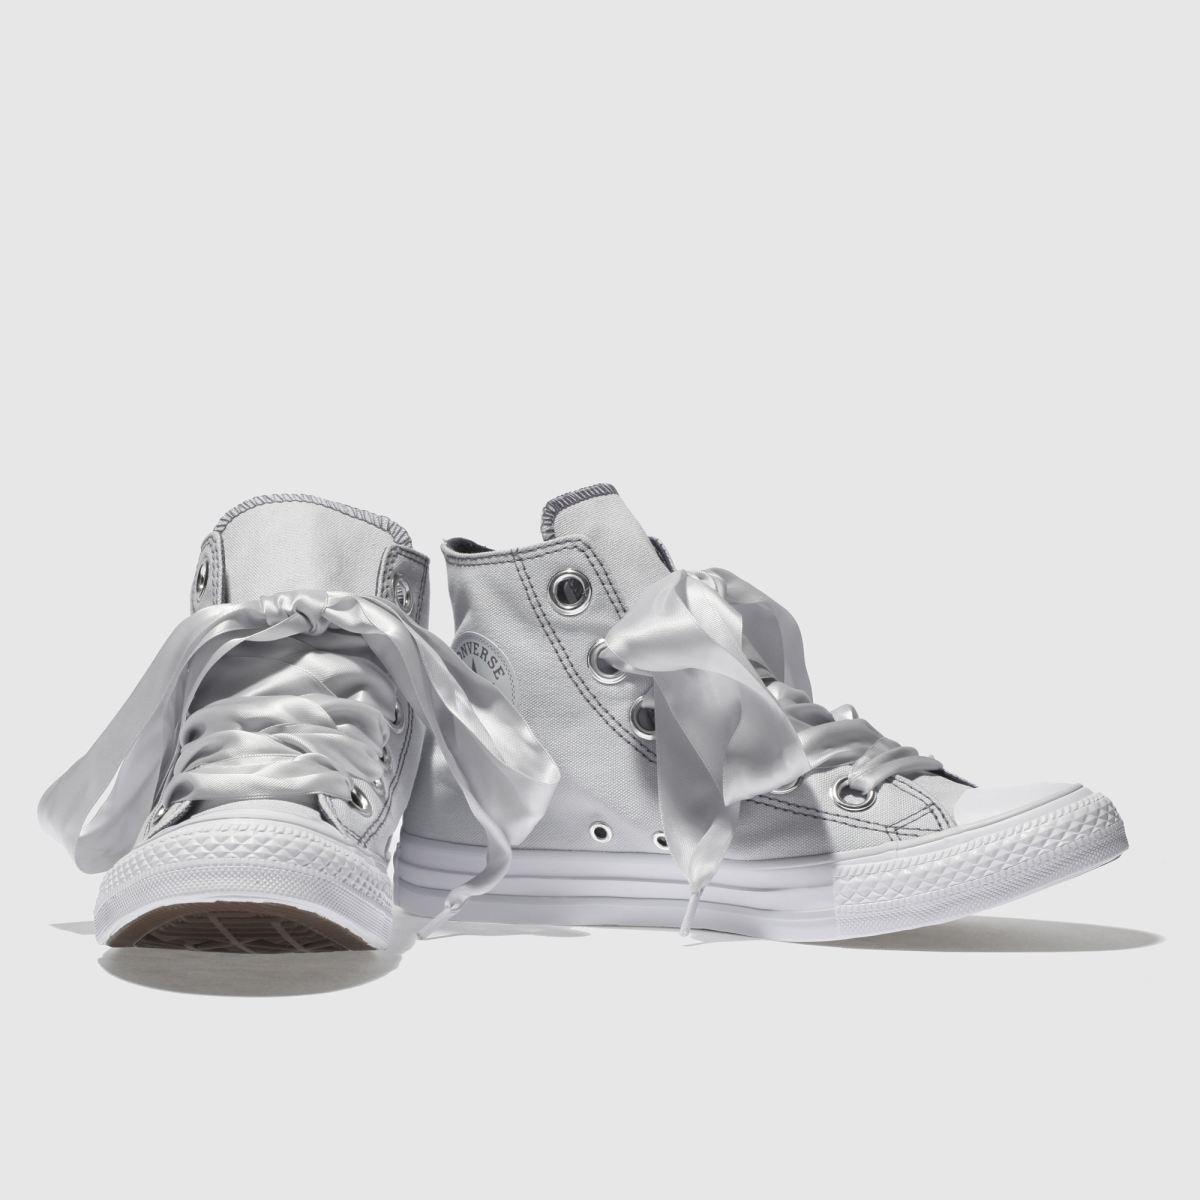 Damen Hellgrau Eyelets converse All Star Big Eyelets Hellgrau Hi Sneaker | schuh Gute Qualität beliebte Schuhe f82de0